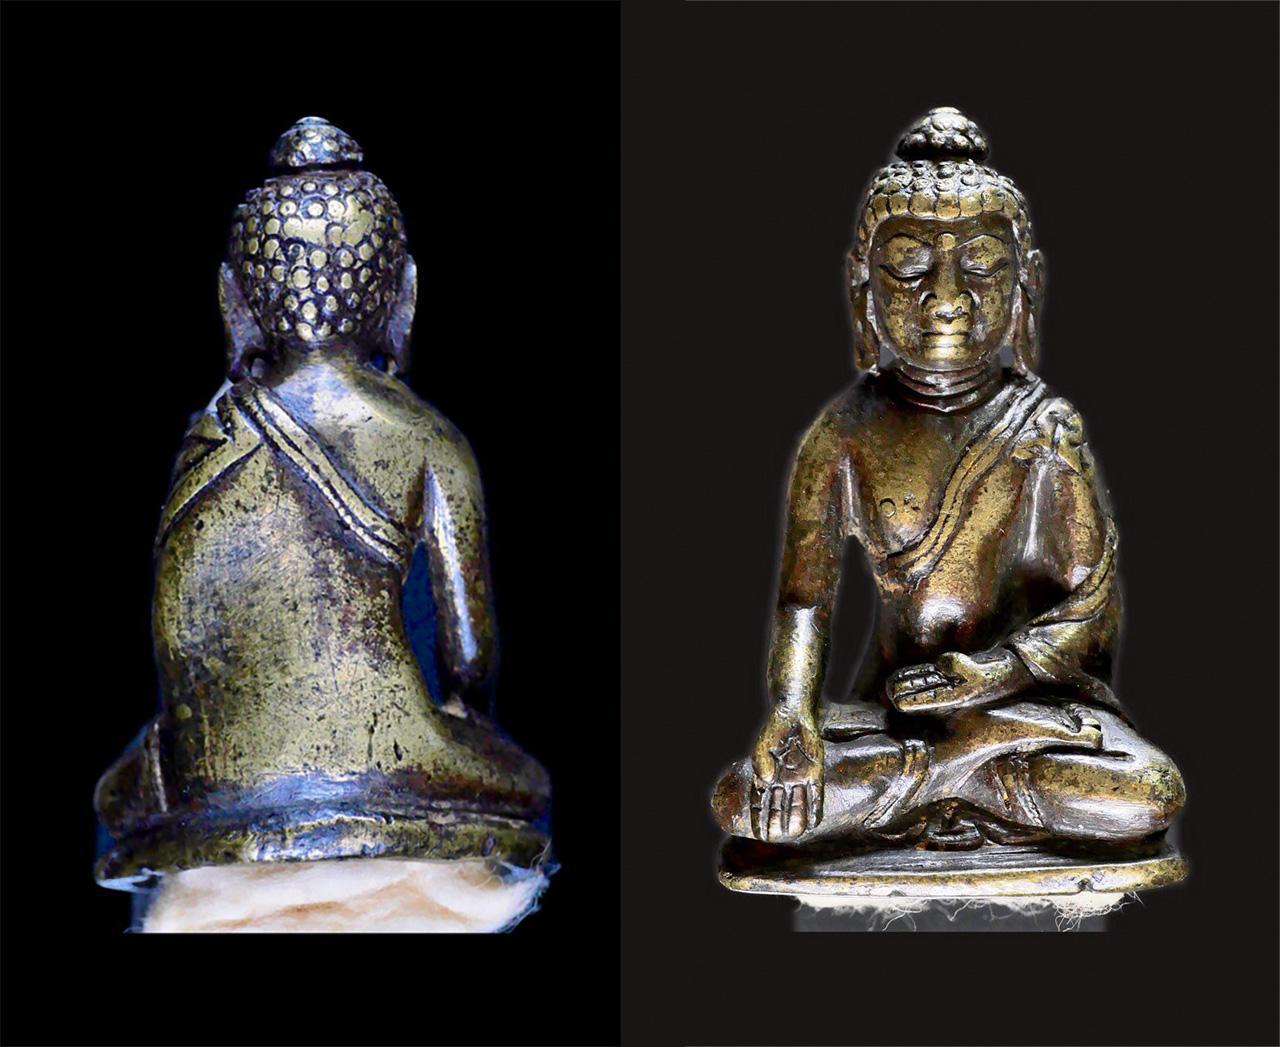 พระอมิตาภพุทธเจ้า พุทธศิลป์สมัยราชวงศ์หมิง.